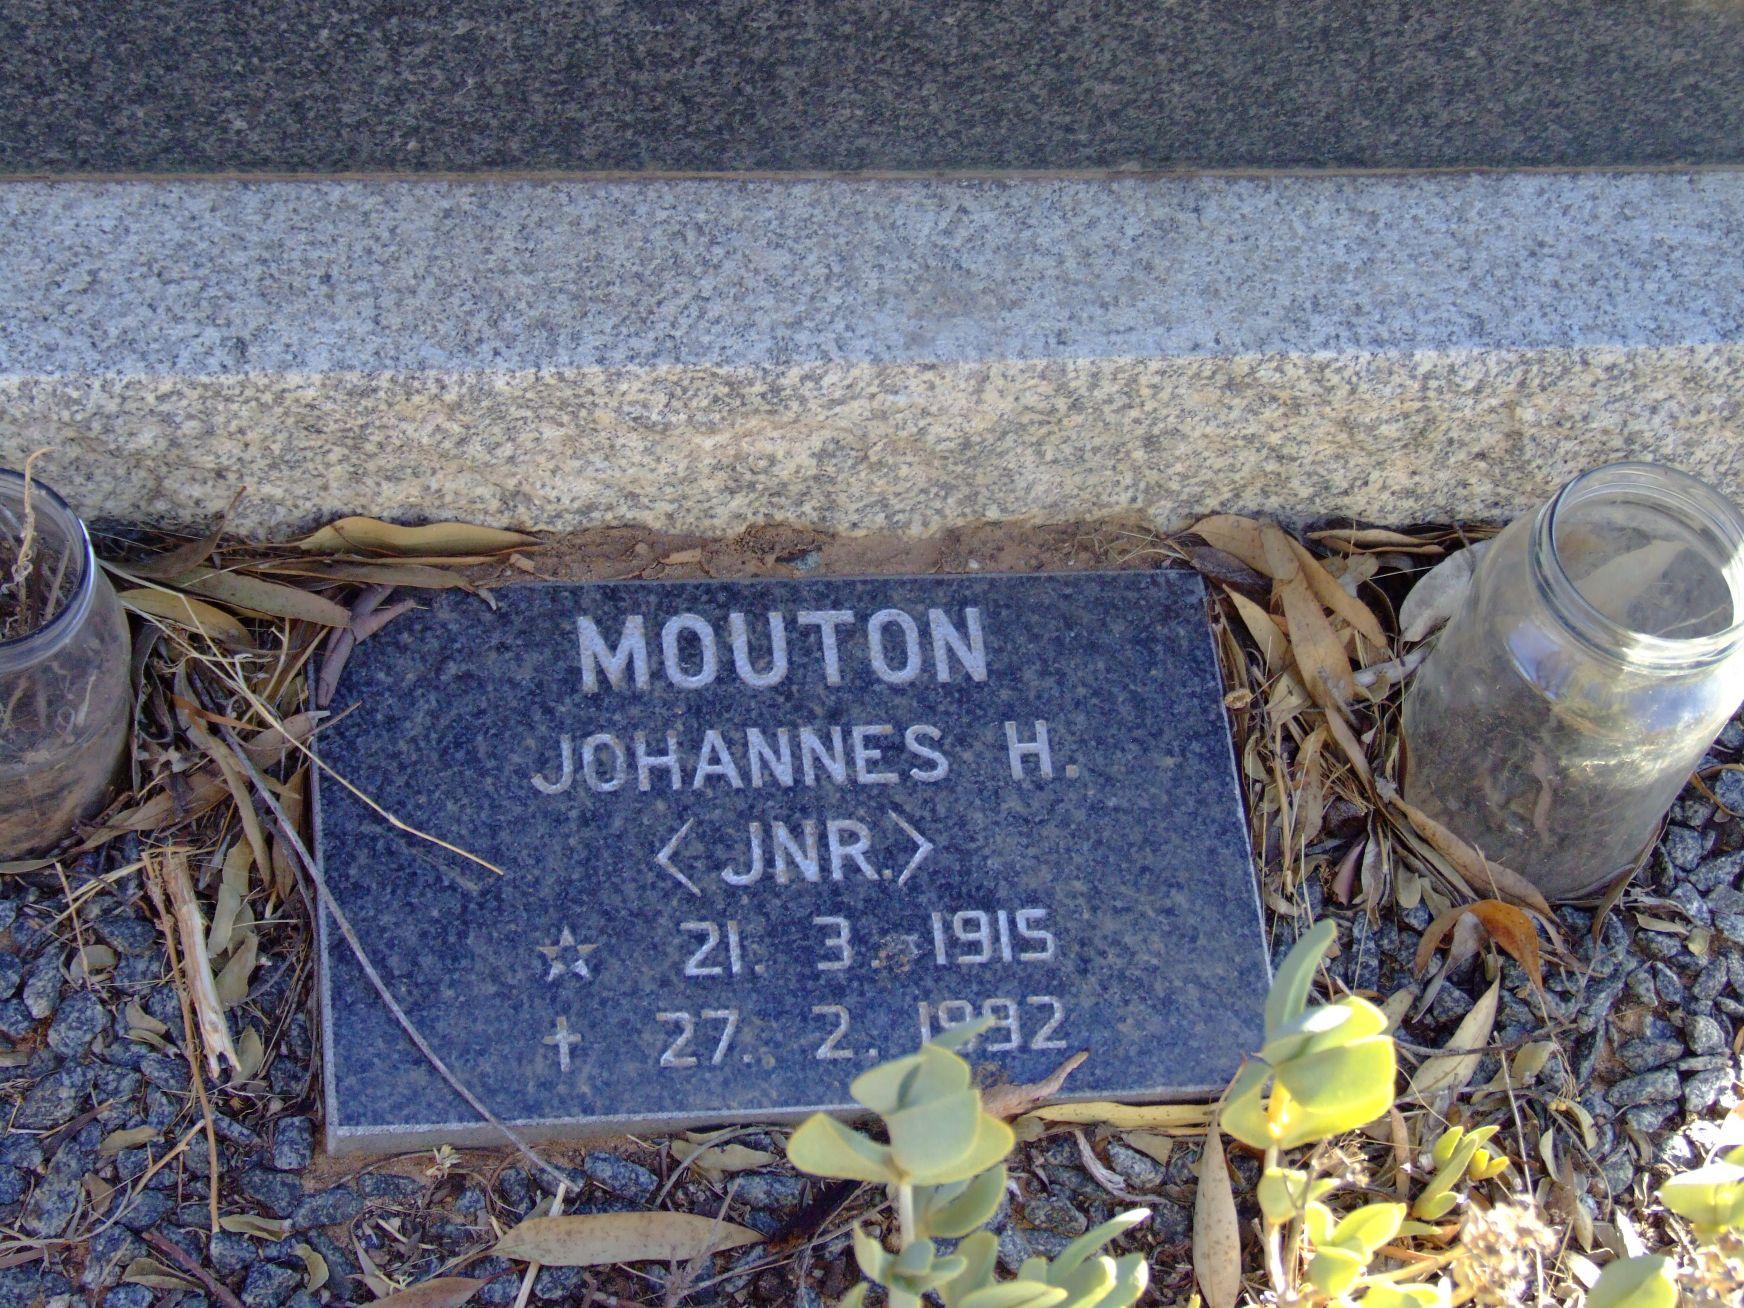 Mouton, Johannes H. (Jnr)